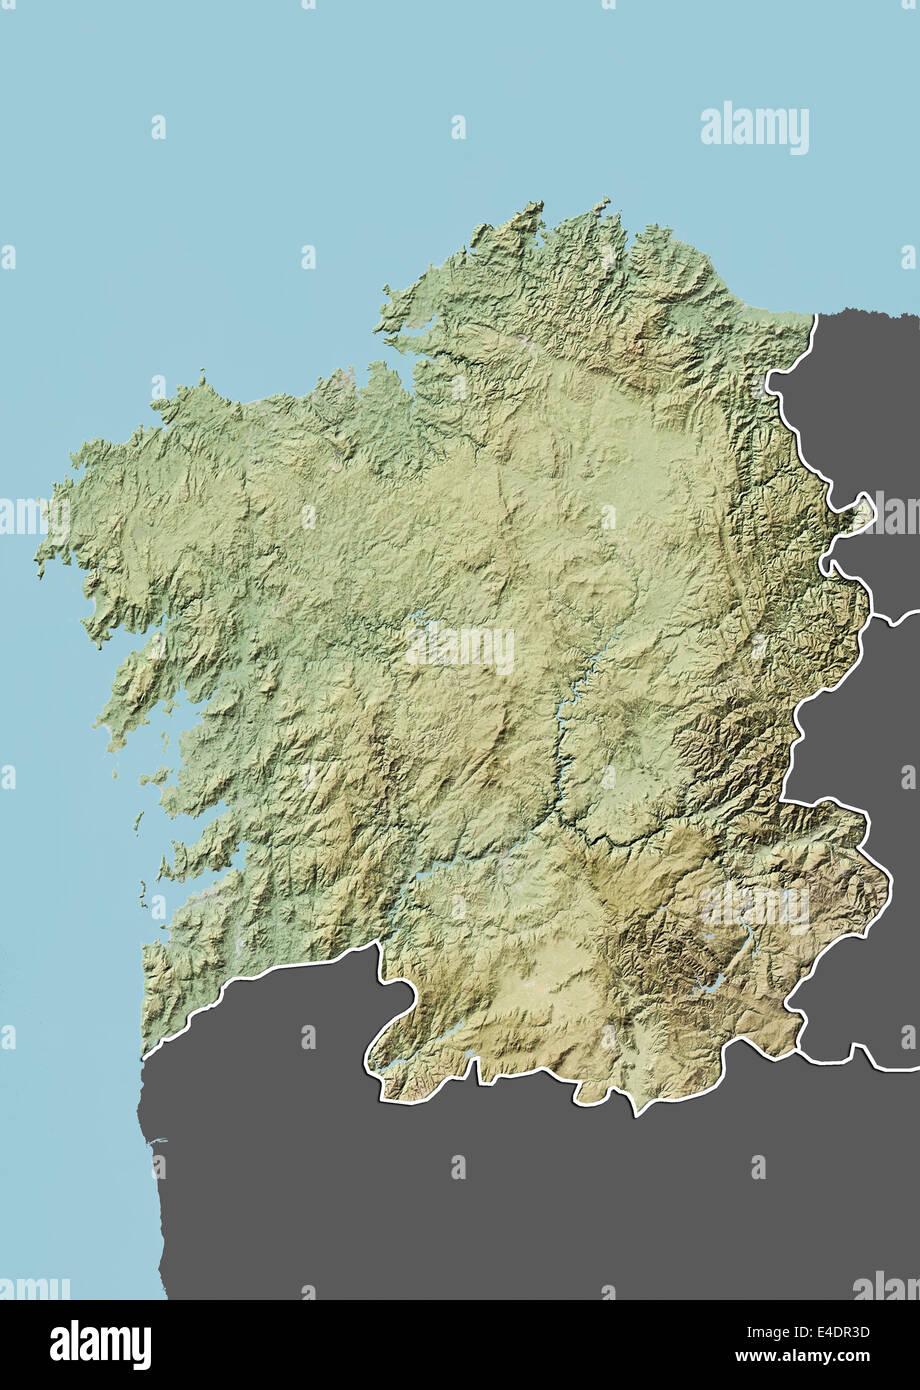 Spagna Galizia Cartina.La Galizia Spagna Mappa Di Sfiato Foto Stock Alamy